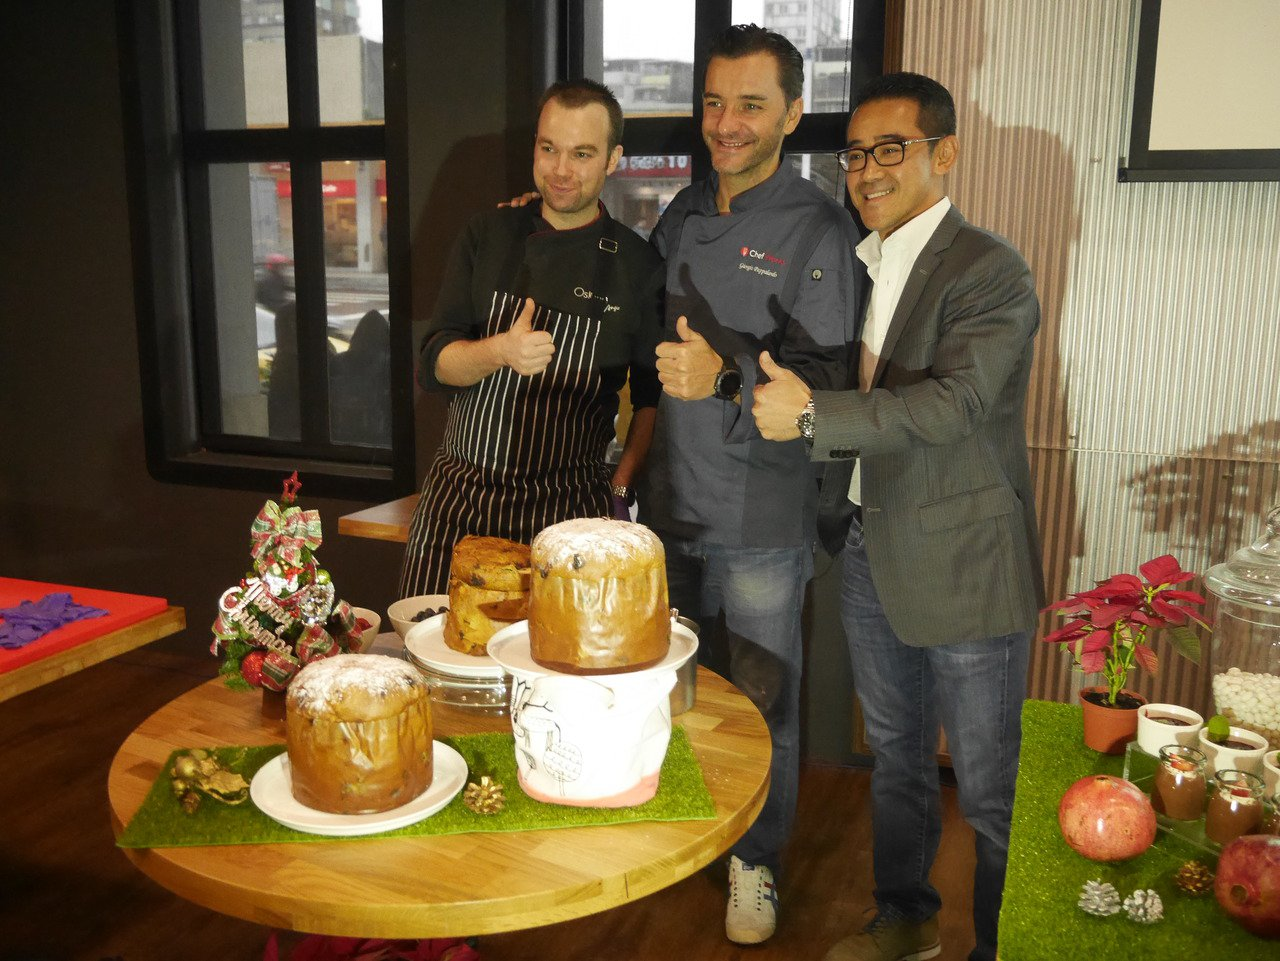 王佳瑋(右)和總監Giorgio(中),今天都現身Piazza餐廳。記者吳淑君/...